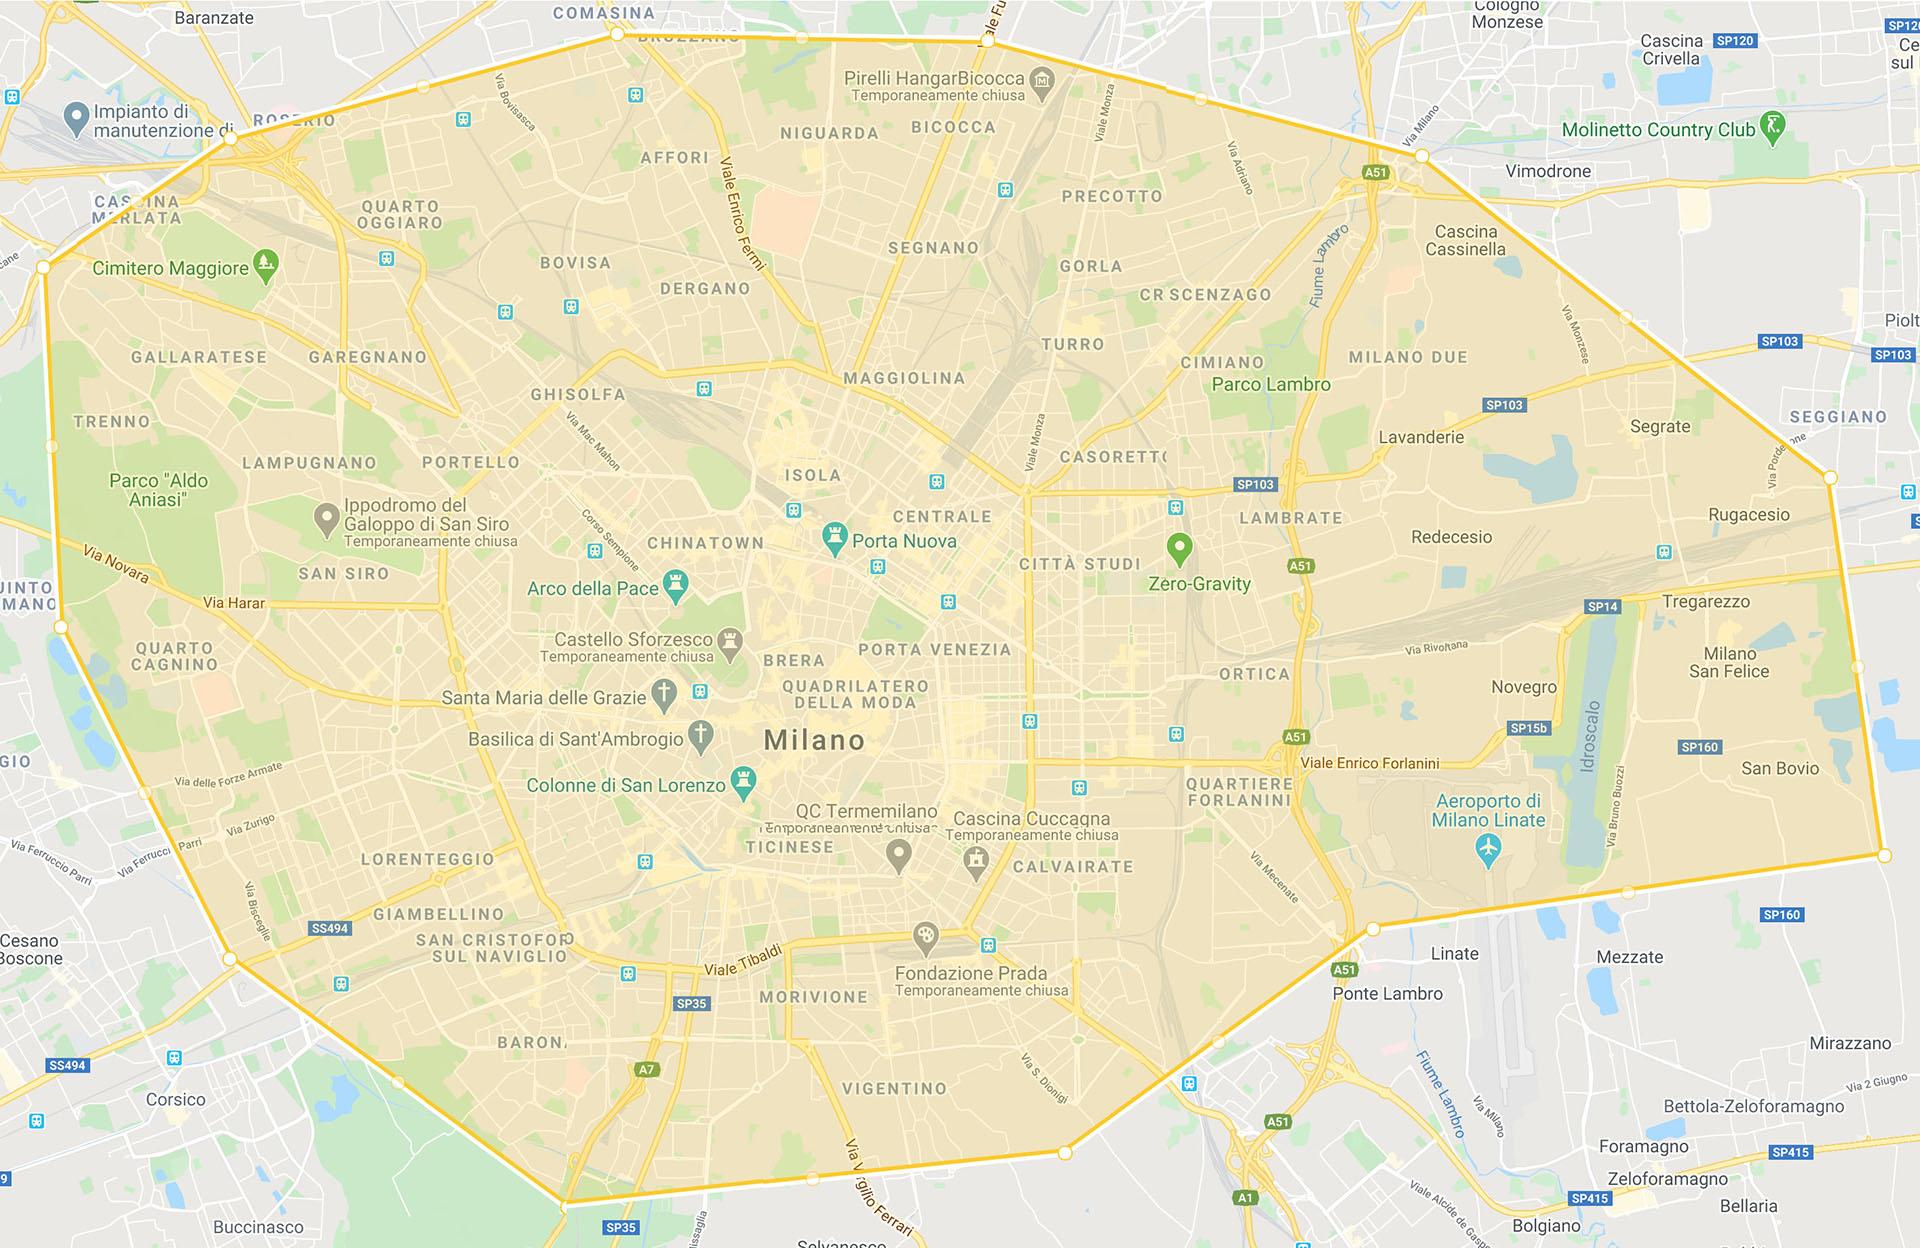 Consegnamo l'alta cucina a bassa temperatura in tutta Milano ed hinterland